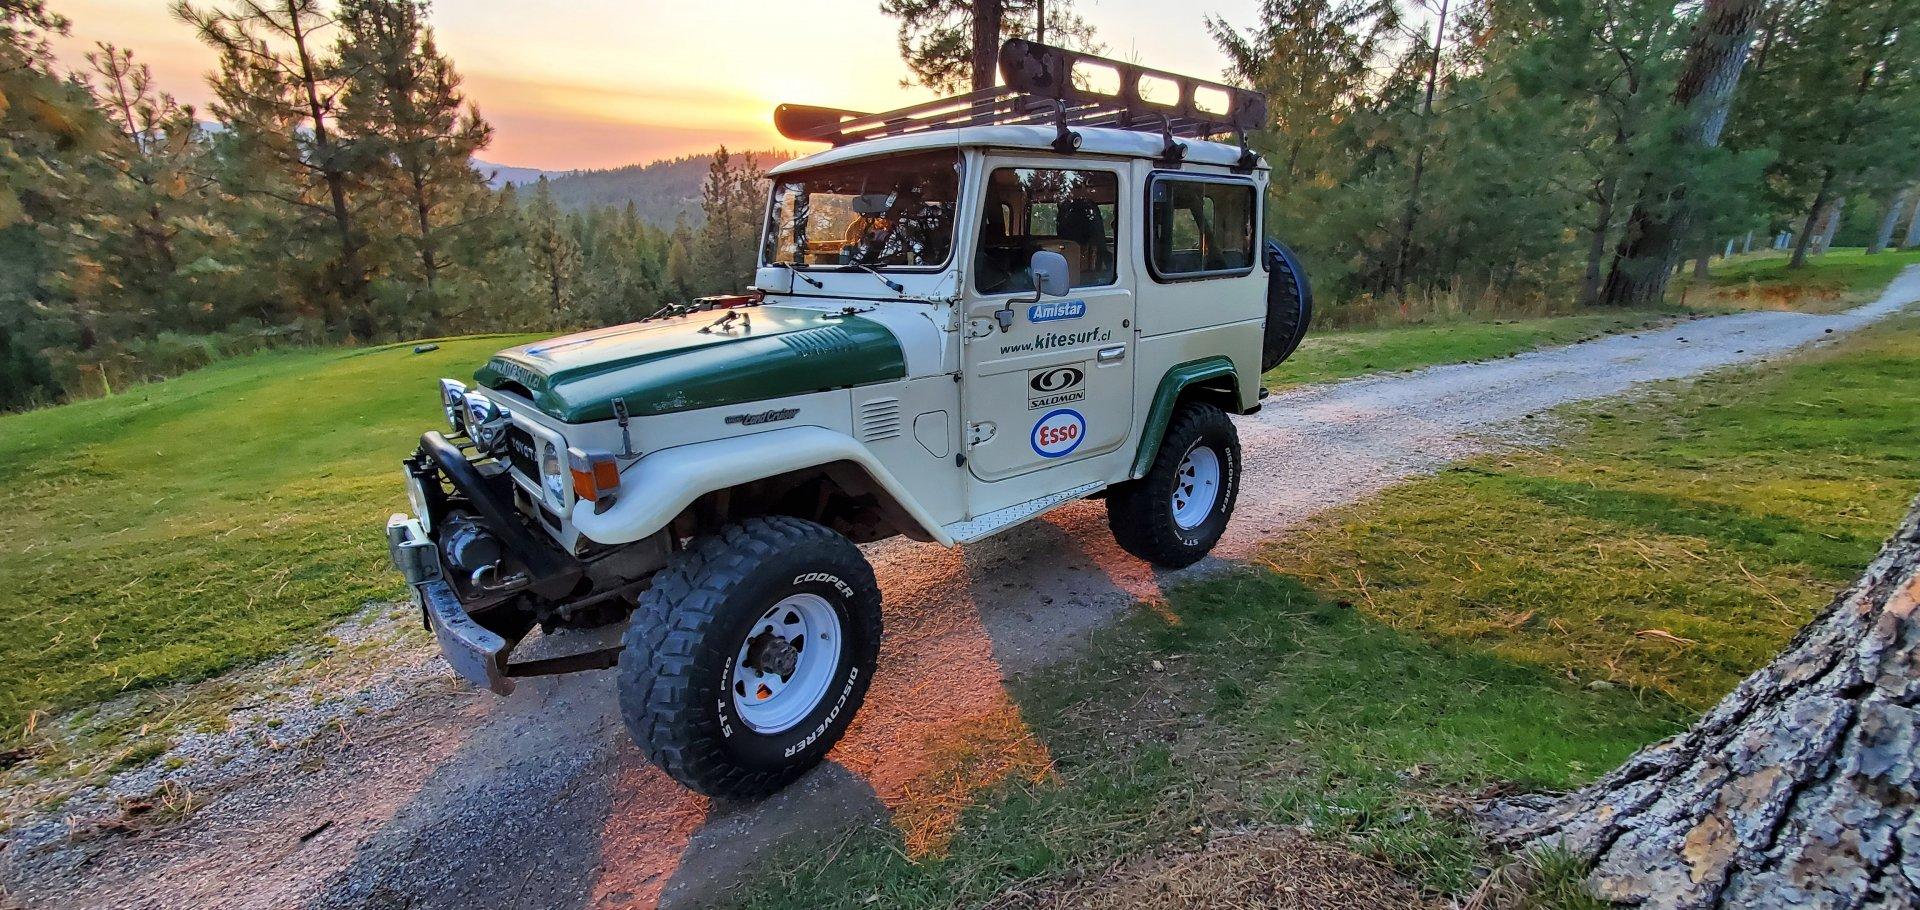 1982 FJ40 for sale near Spokane Washington https://spokane ...